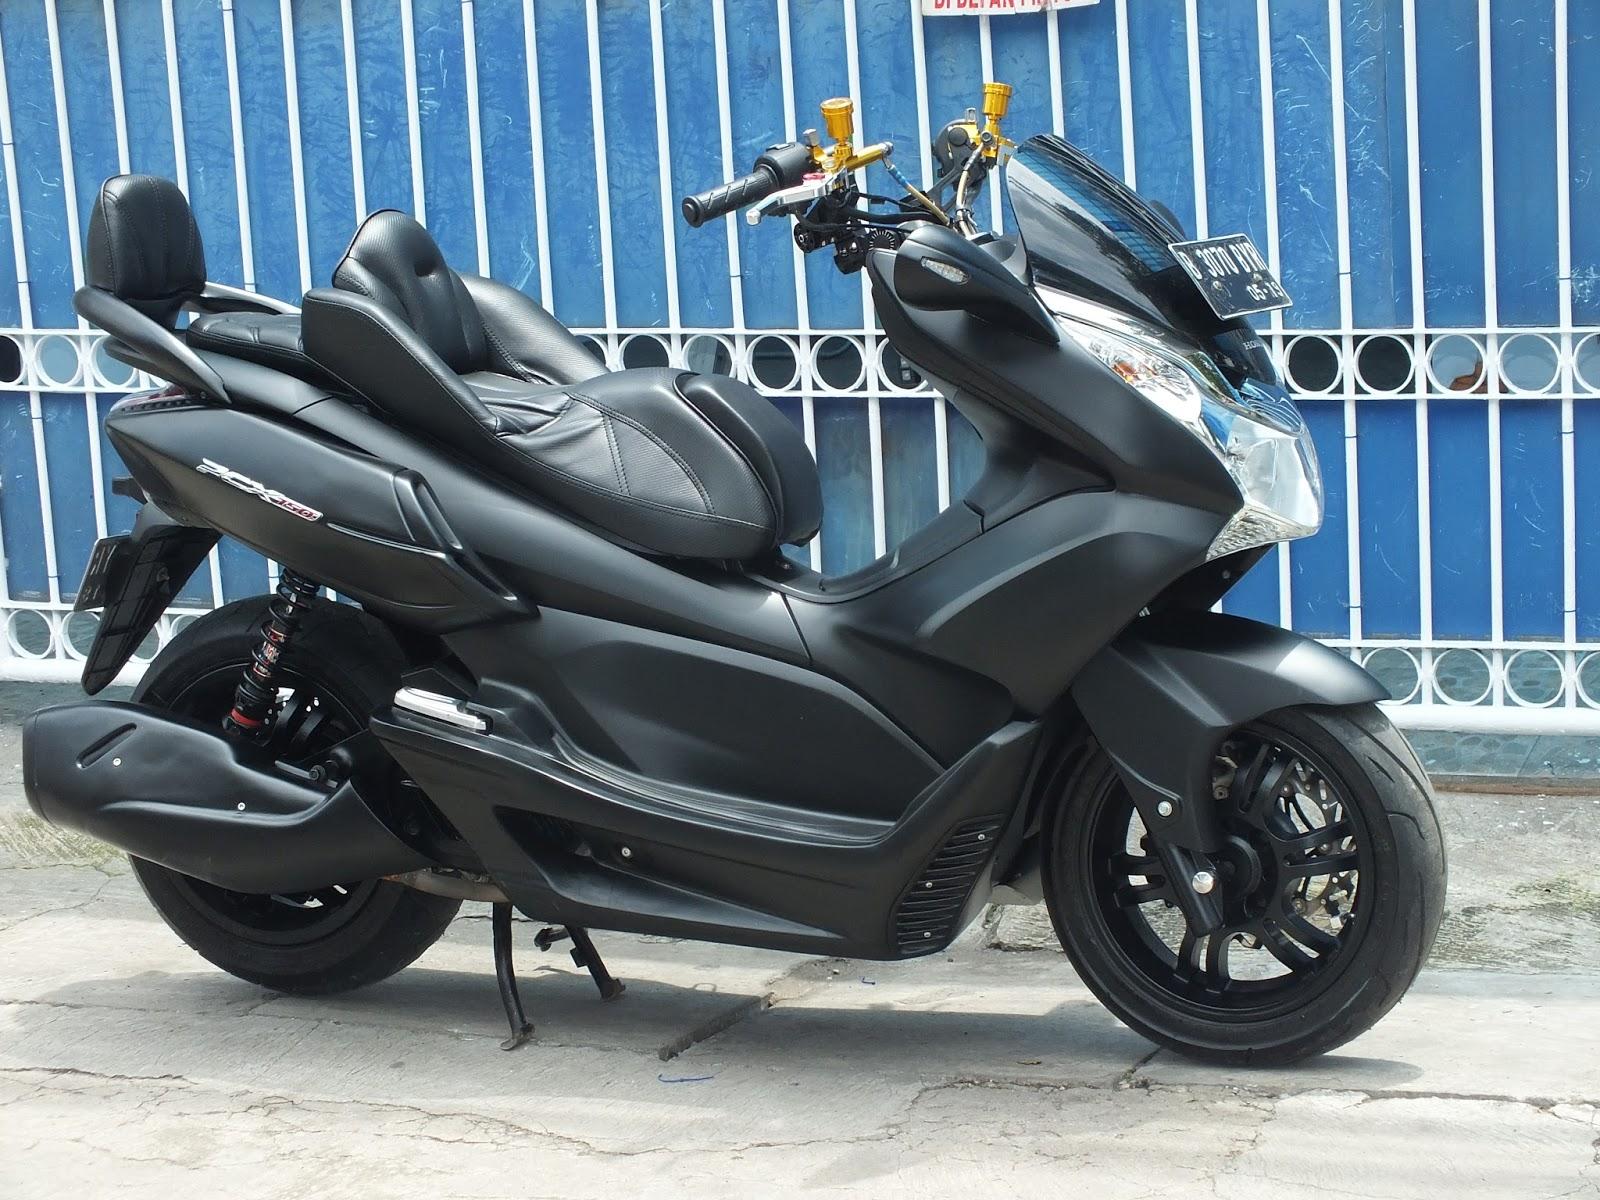 Koleksi Modifikasi Honda Vario Jadi Pcx Lampak Modifikasi